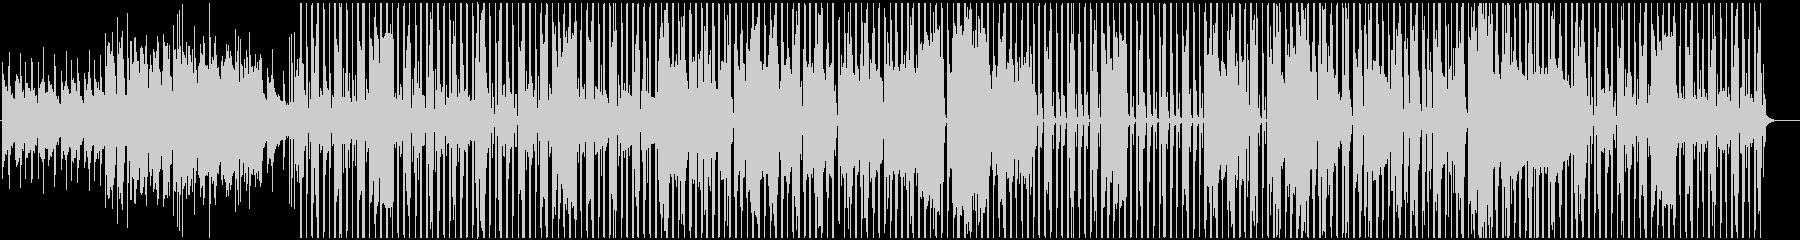 クールでジャジーなシティポップ風ビートの未再生の波形